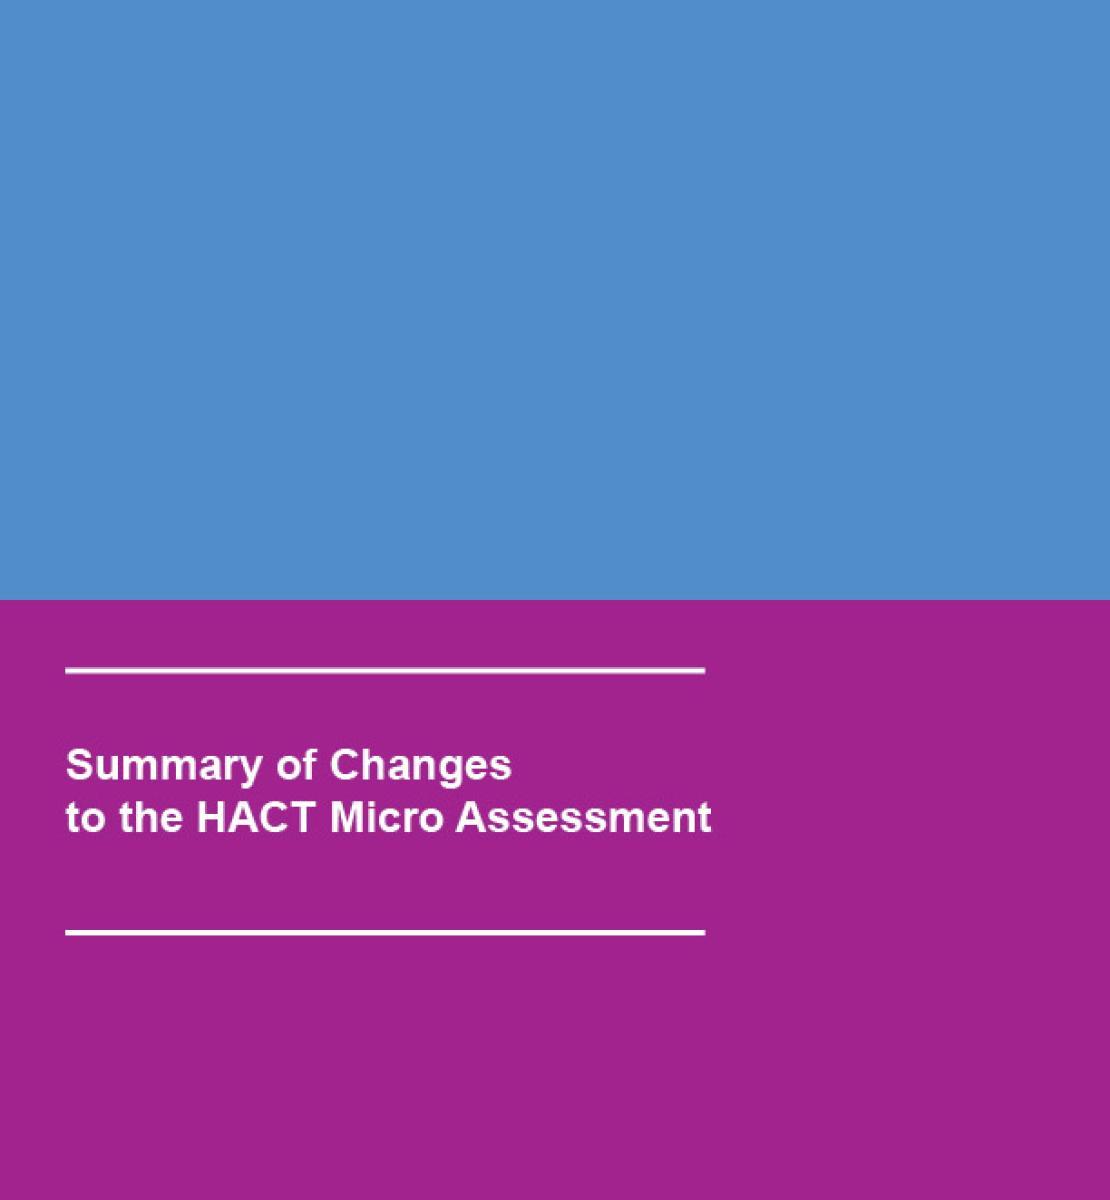 النهج المنسق للتحويلات النقدية: لمحة عامة على المراجعات في عام 2016